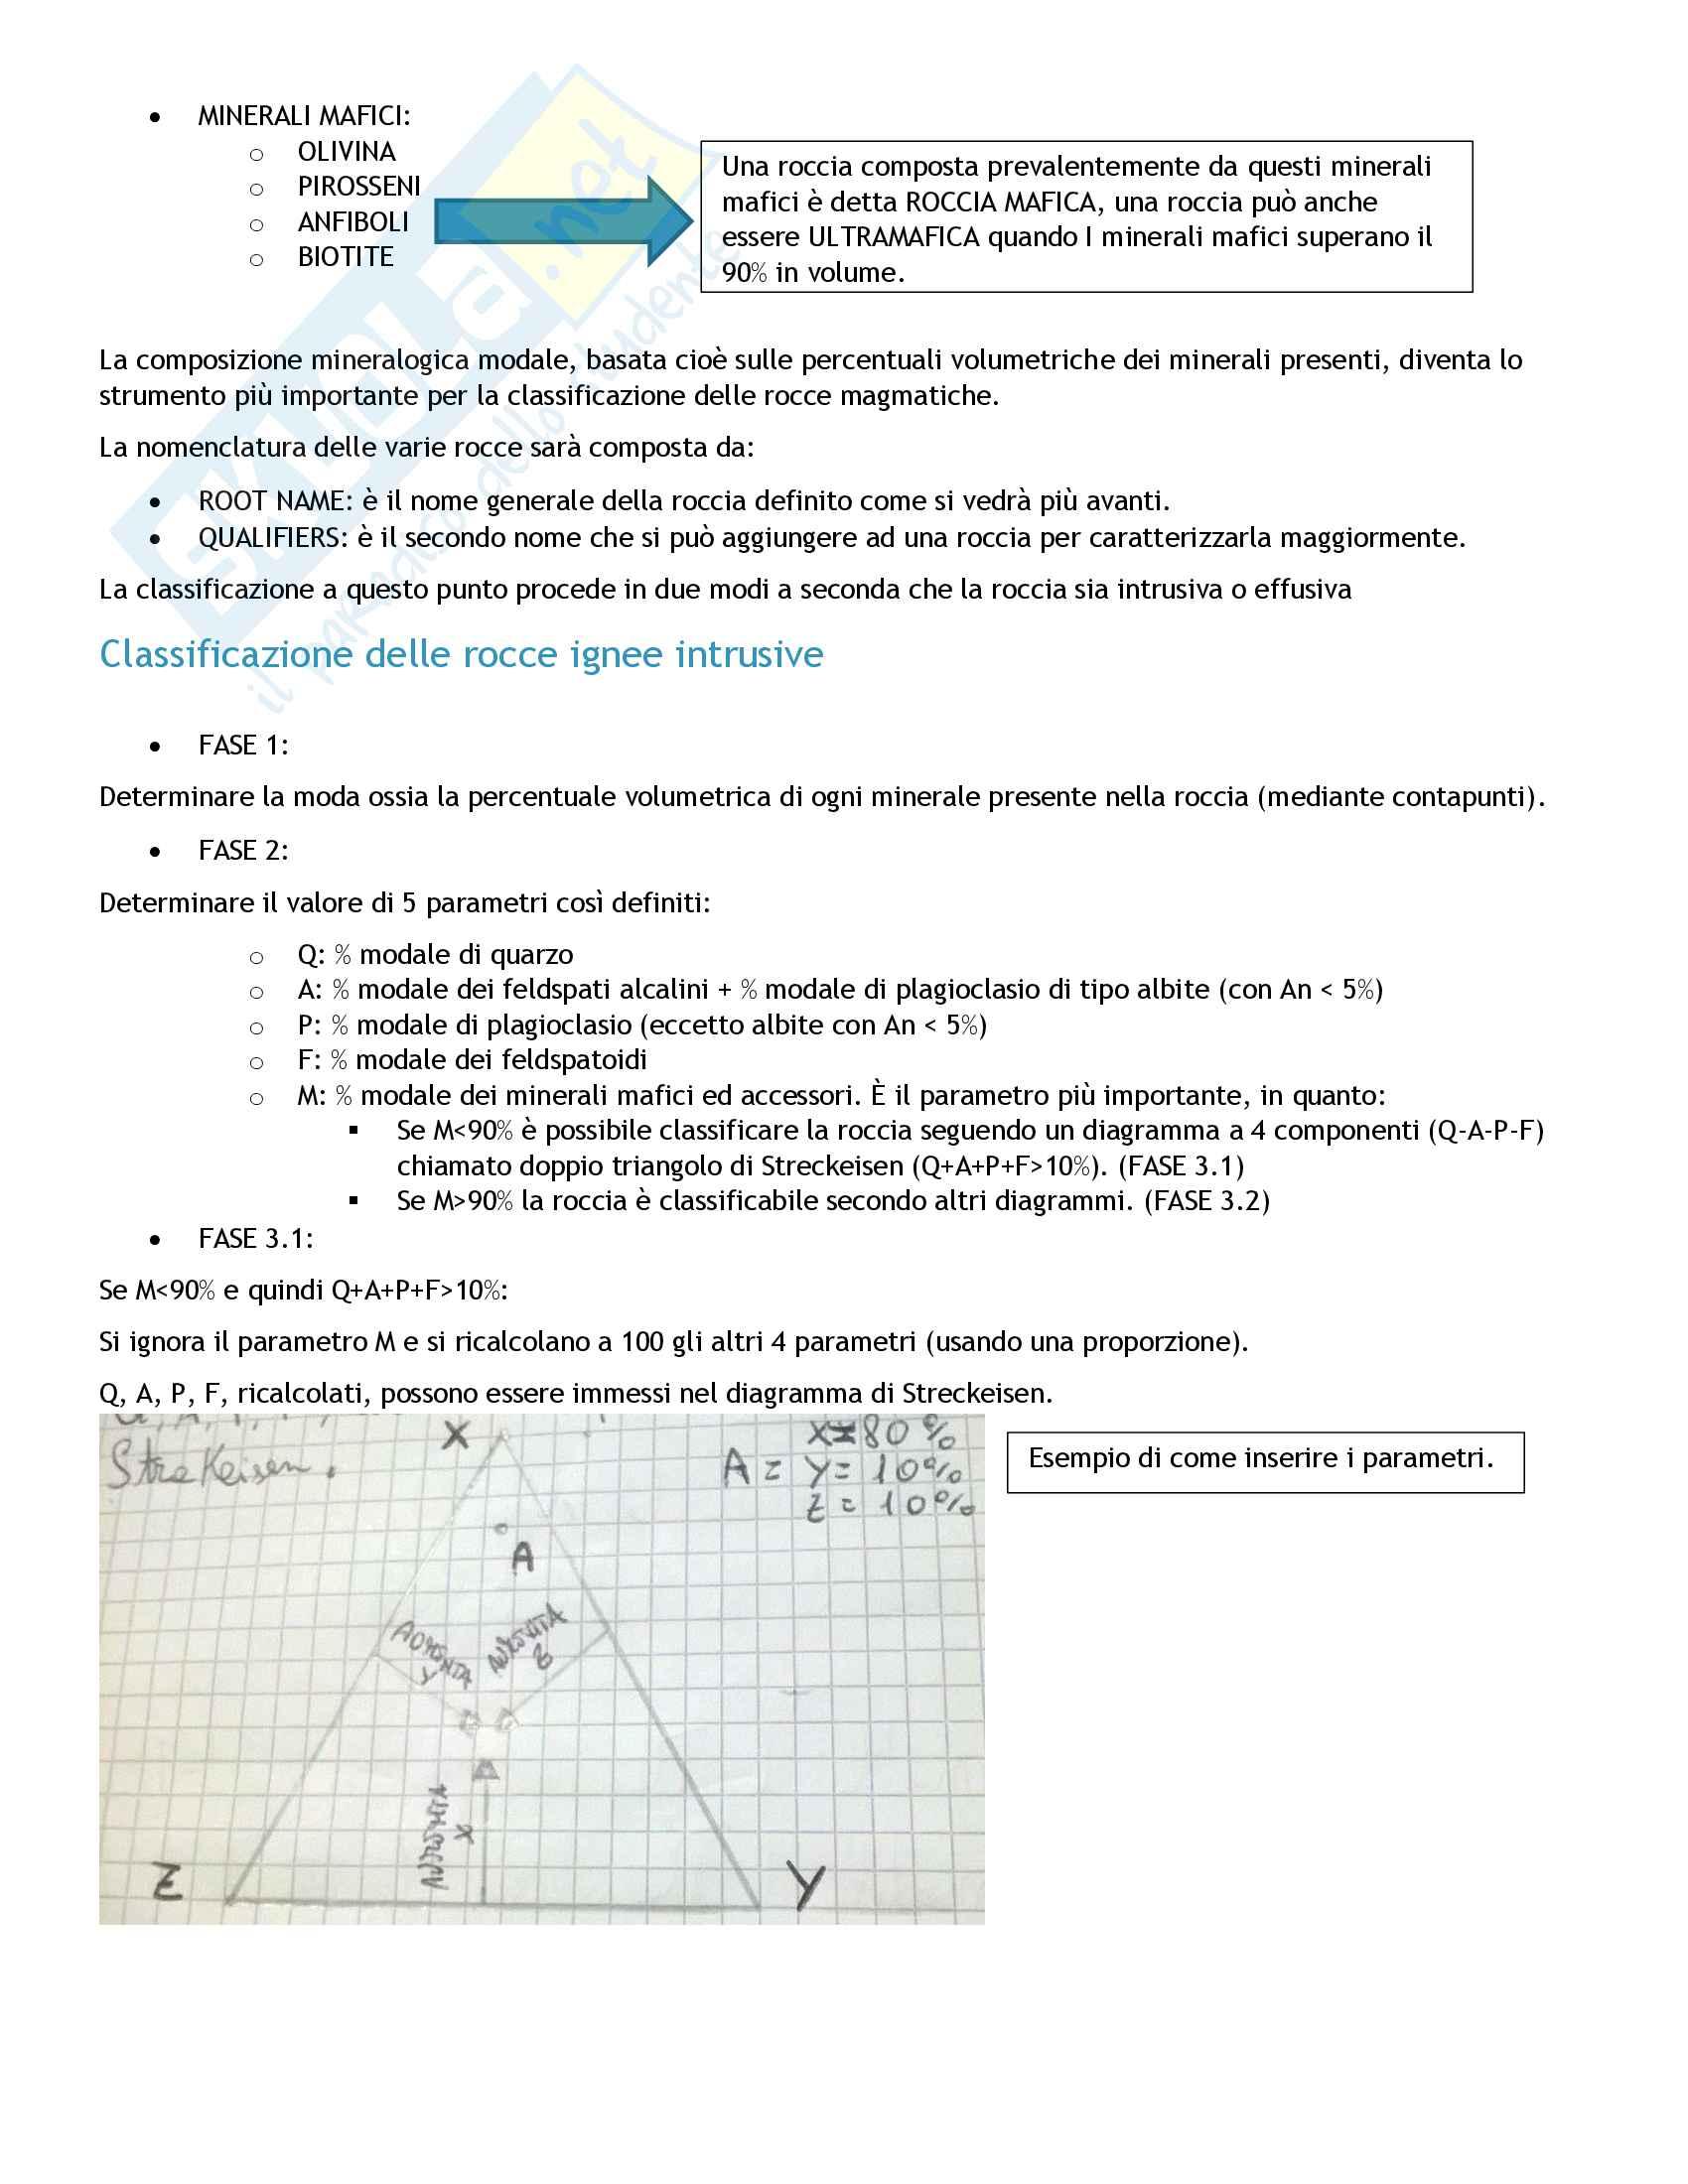 Petrografia del magmatico e metamorfico con accenni di petrologia - Esame petrografia Pag. 16